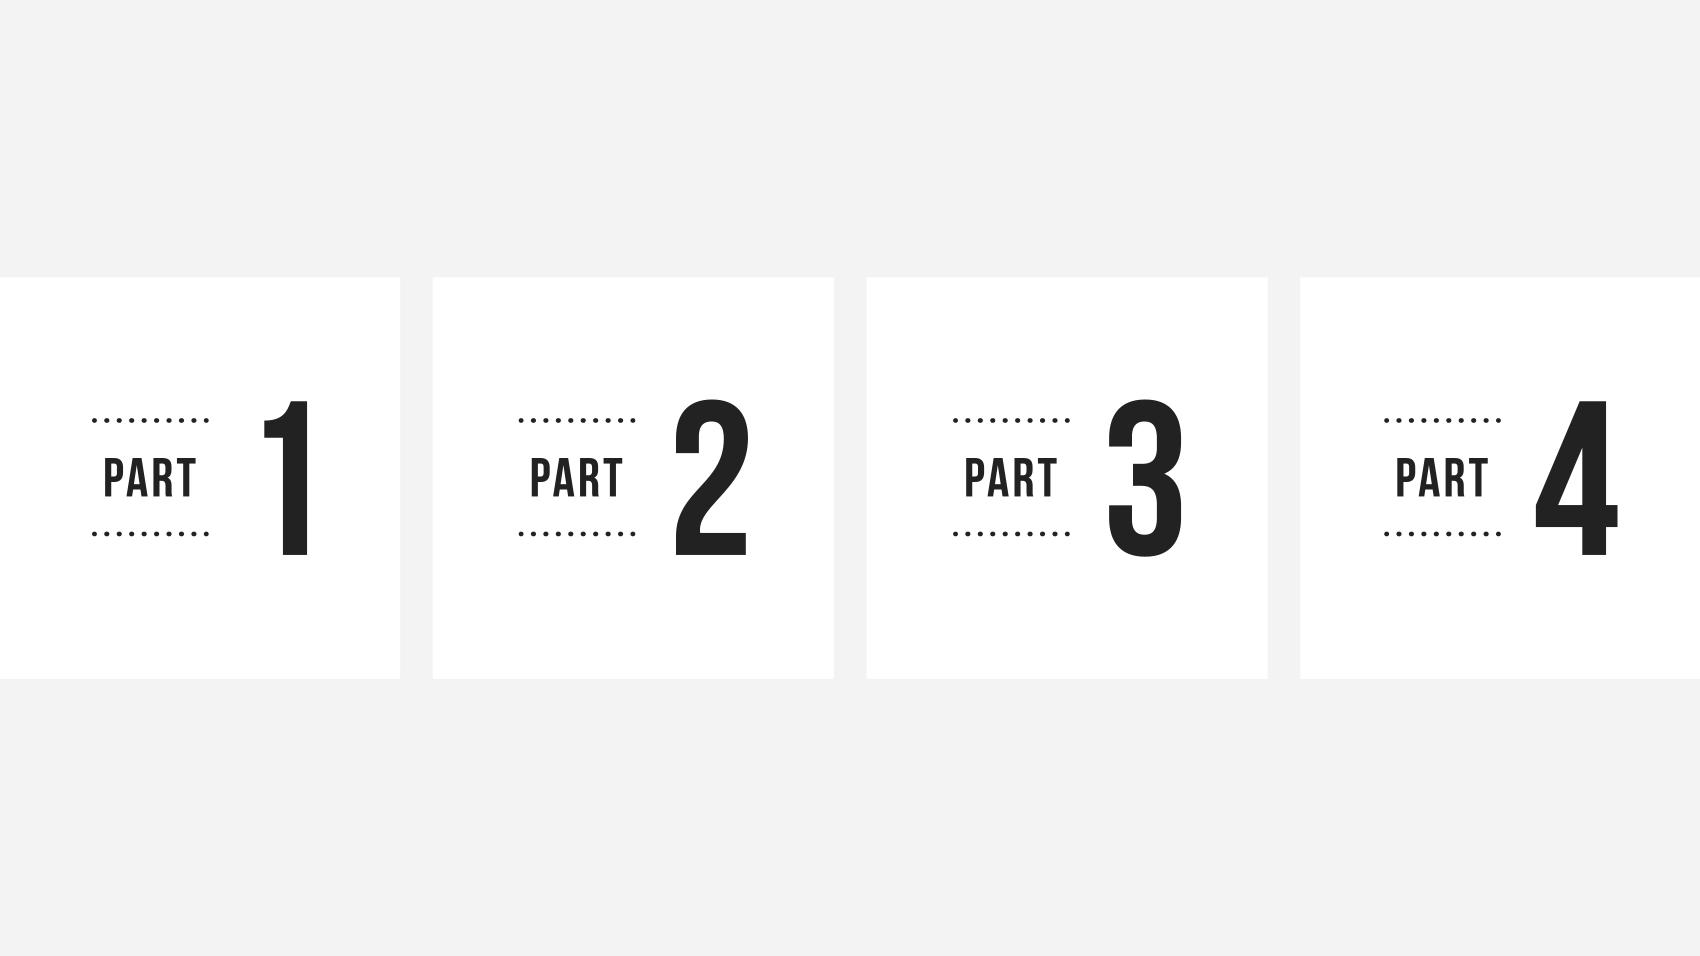 バリエーション3. 点線を使うバージョン